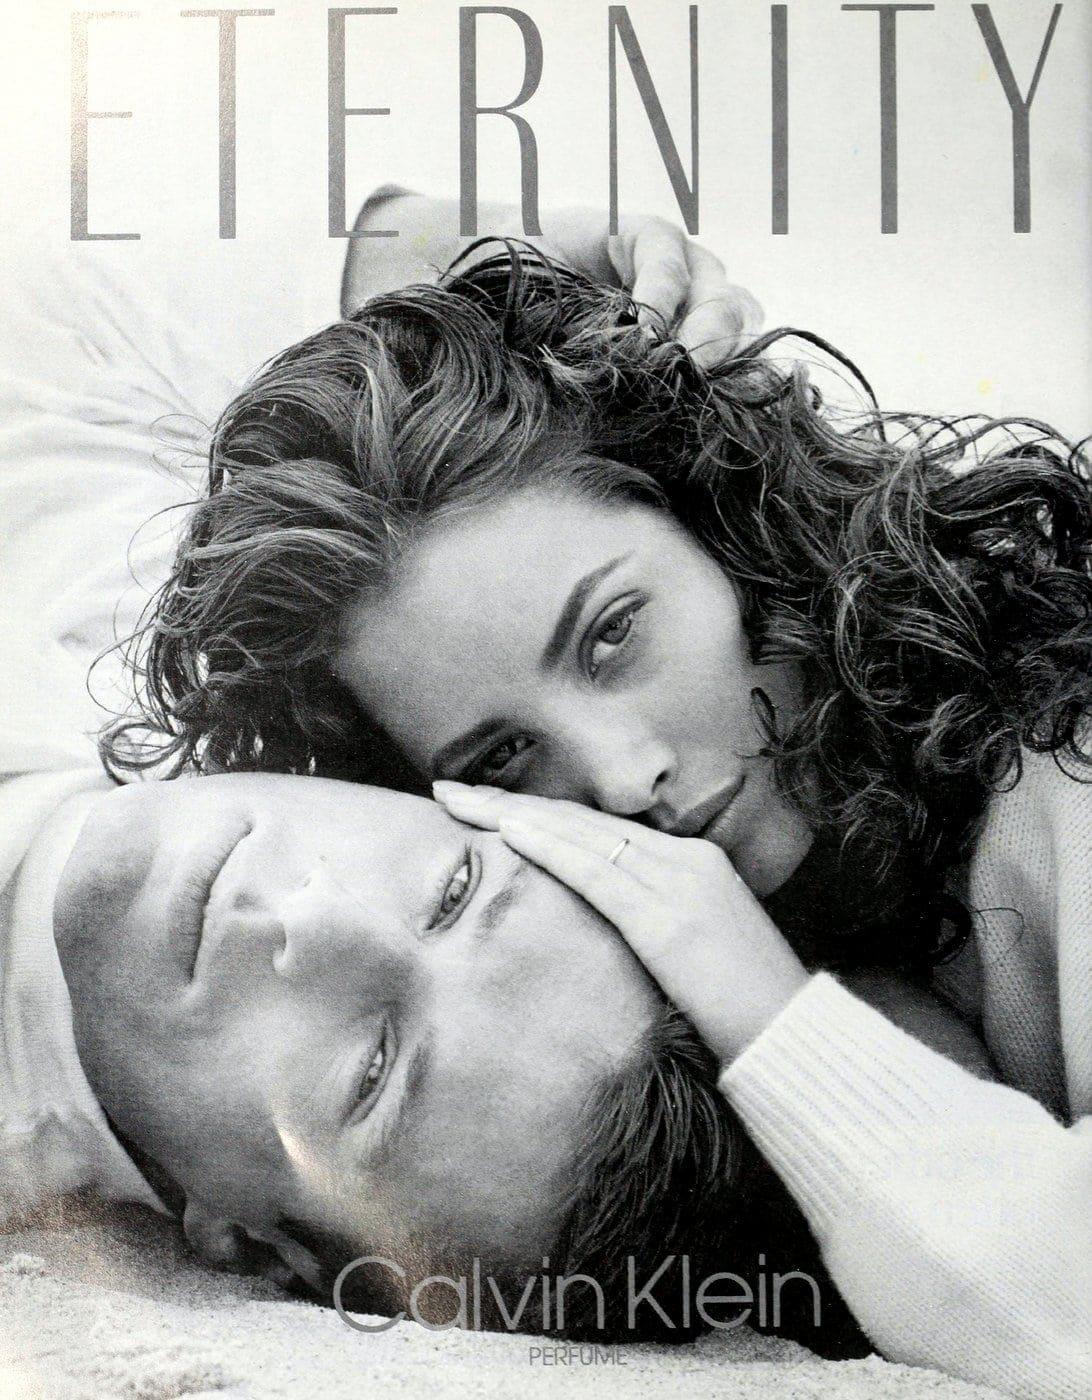 Calvin Klein Eternity fragrance - 1988